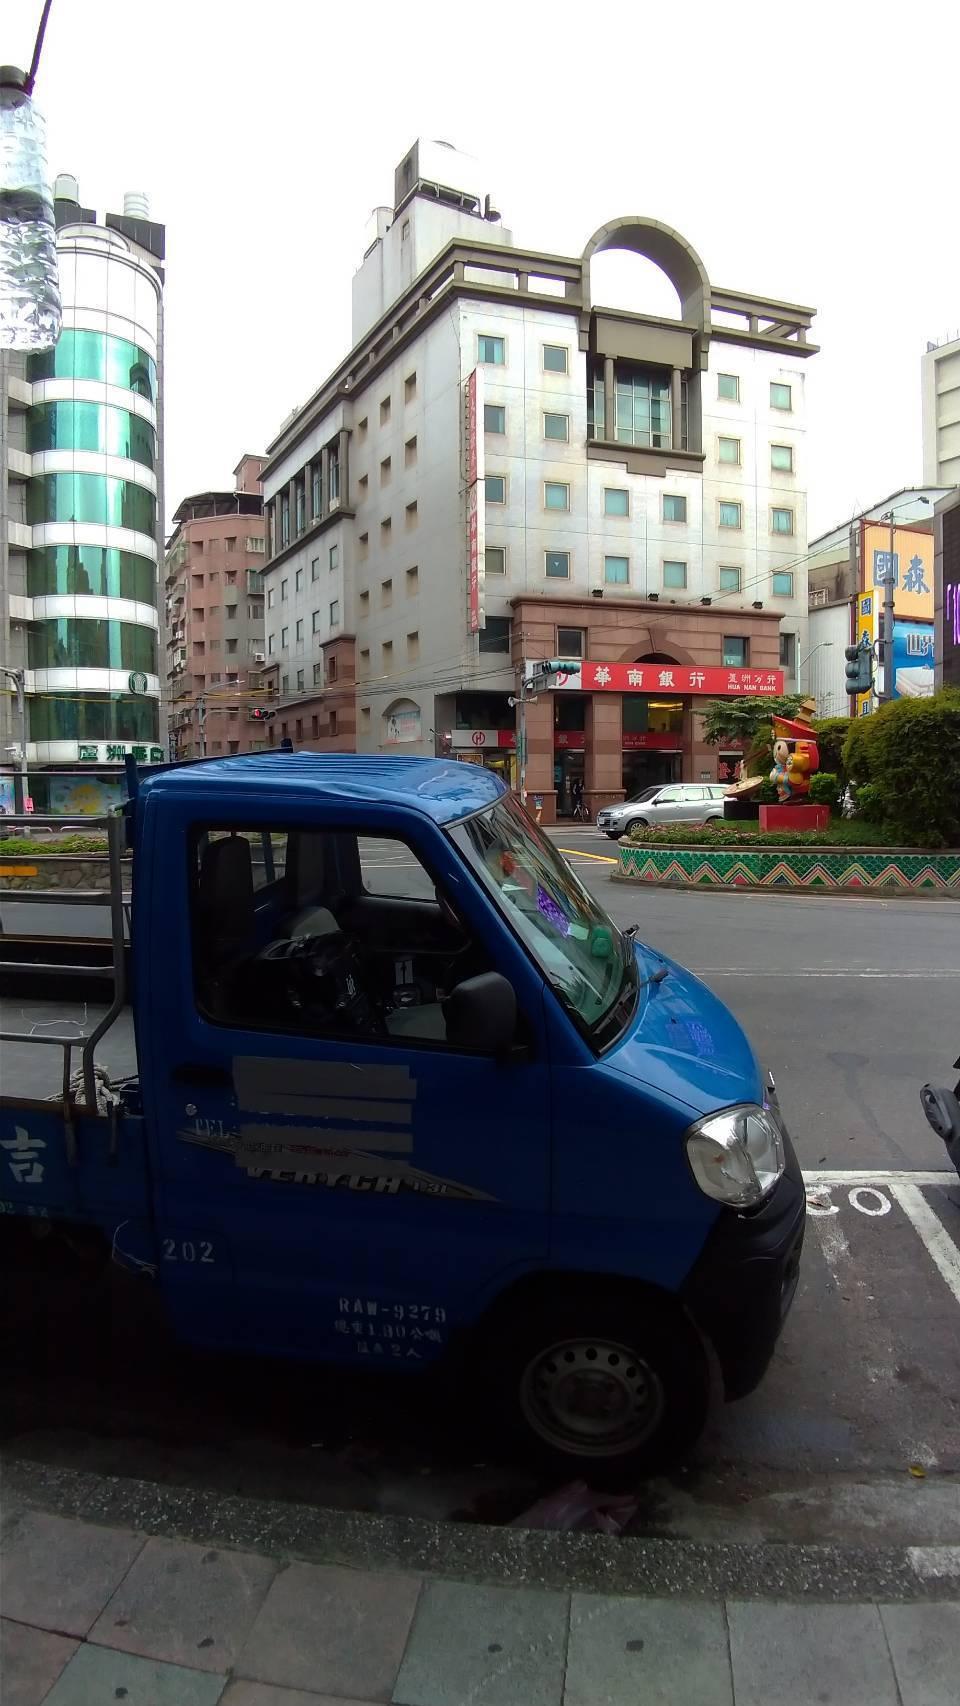 宣傳車停在證券公司對面路旁停車格。記者林昭彰/攝影